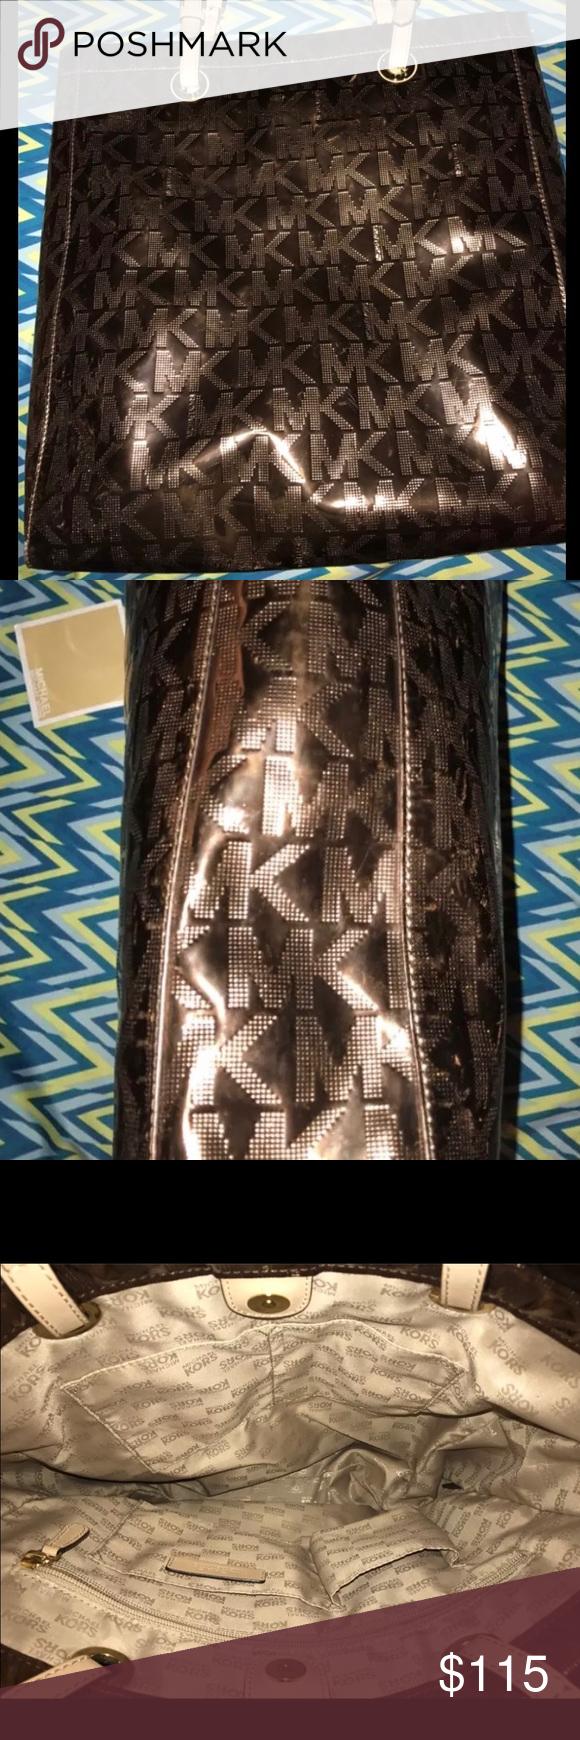 Brown Mirror Michael KORS Bag 💼 Beautiful Clean Condition Michael Kors Bags Shoulder Bags